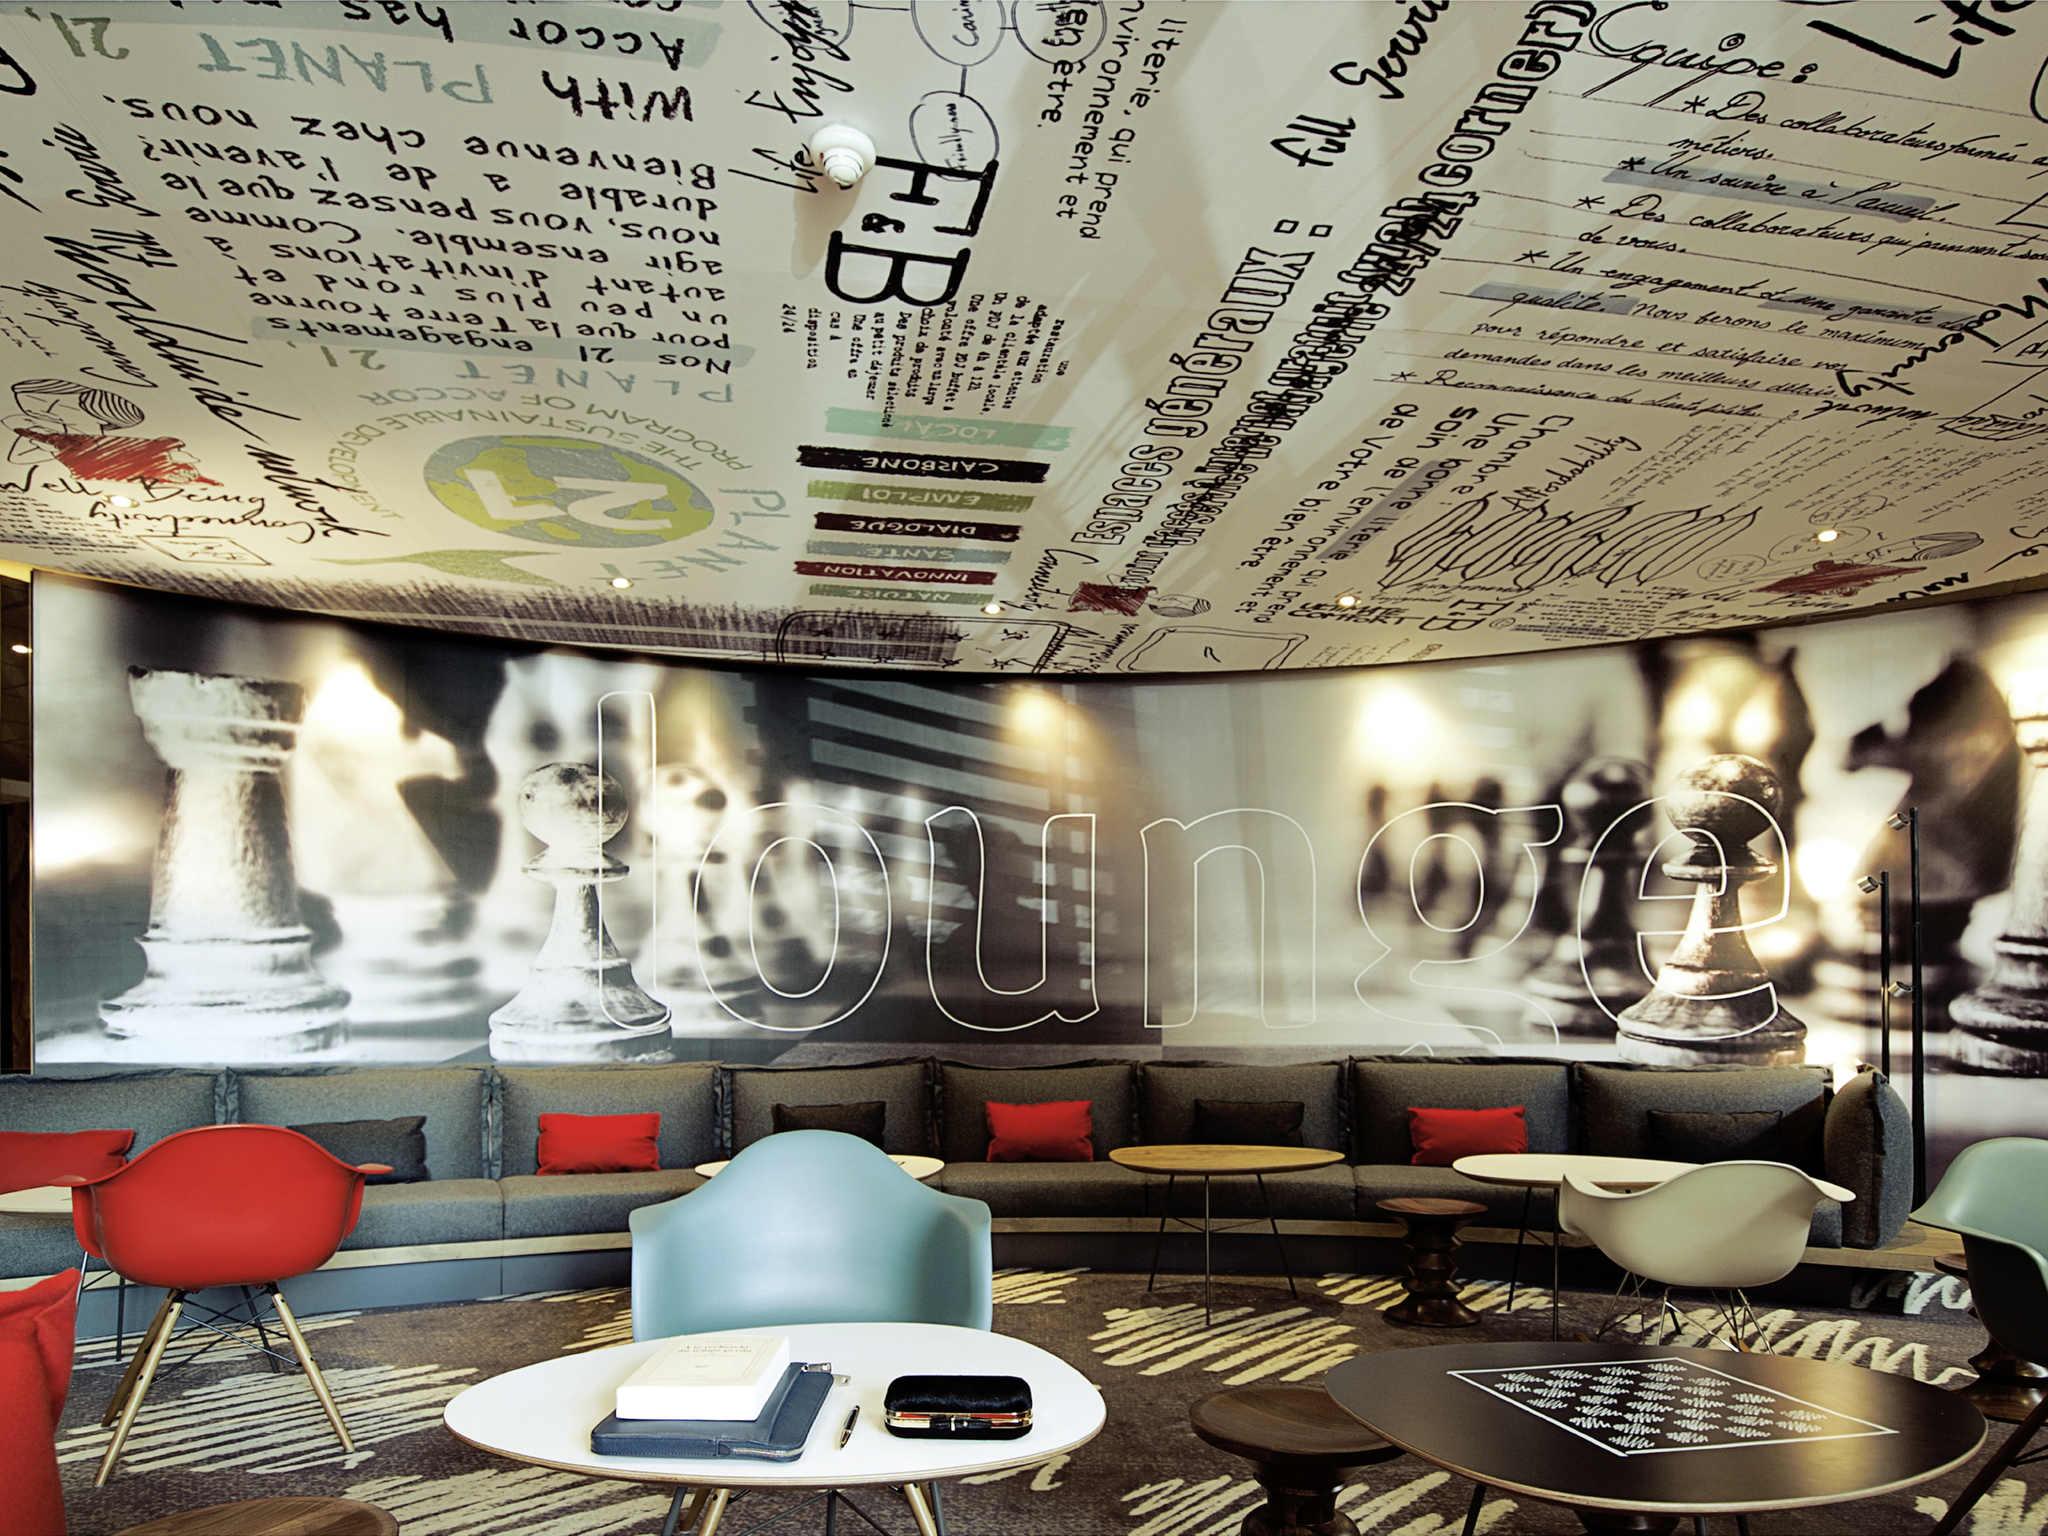 Hotel in gentilly ibis paris porte d 39 italie - Hotel formule 1 porte d italie ...